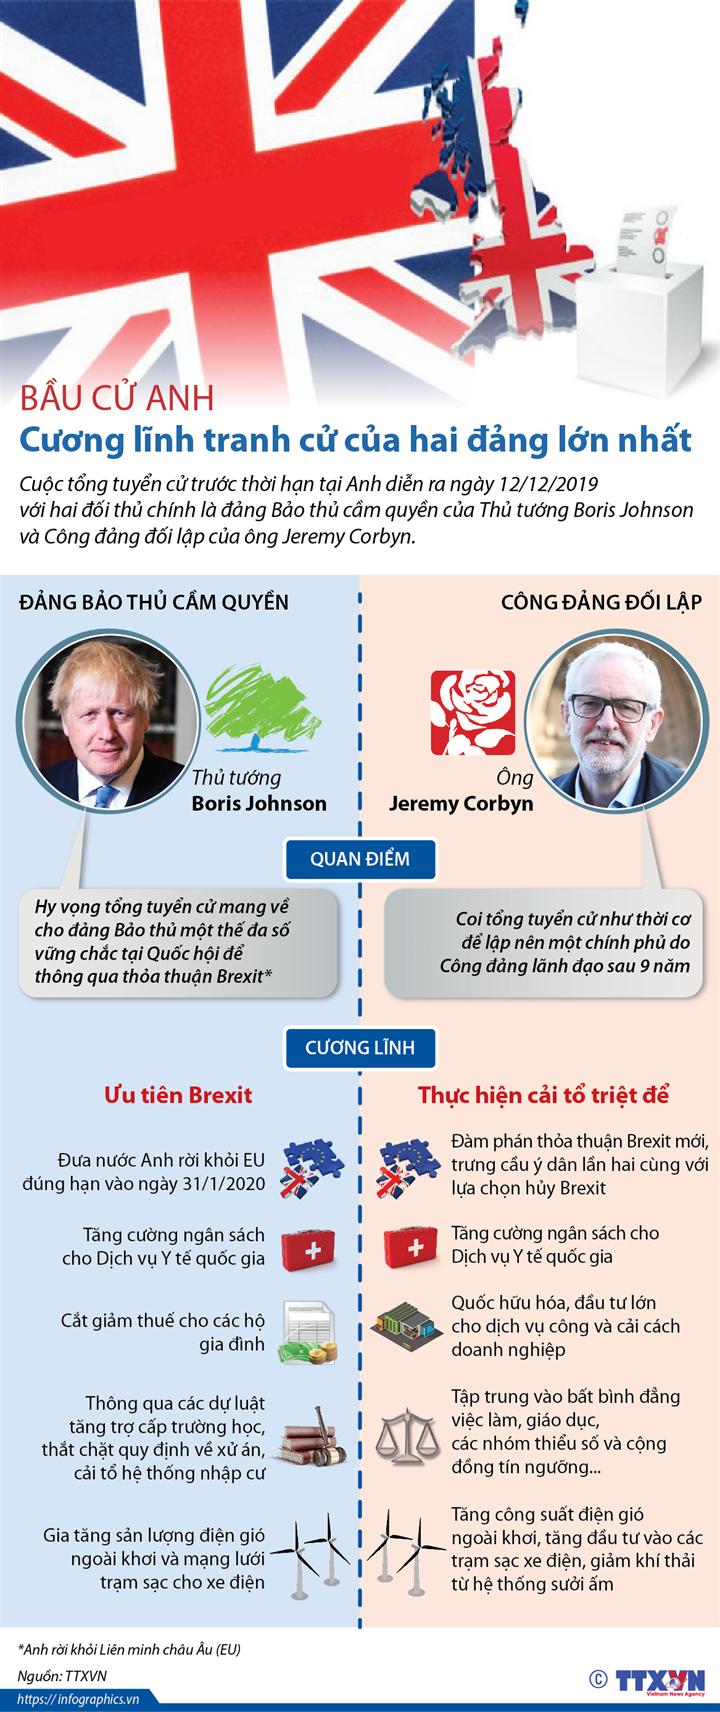 Bầu cử Anh: Cương lĩnh tranh cử của hai đảng lớn nhất